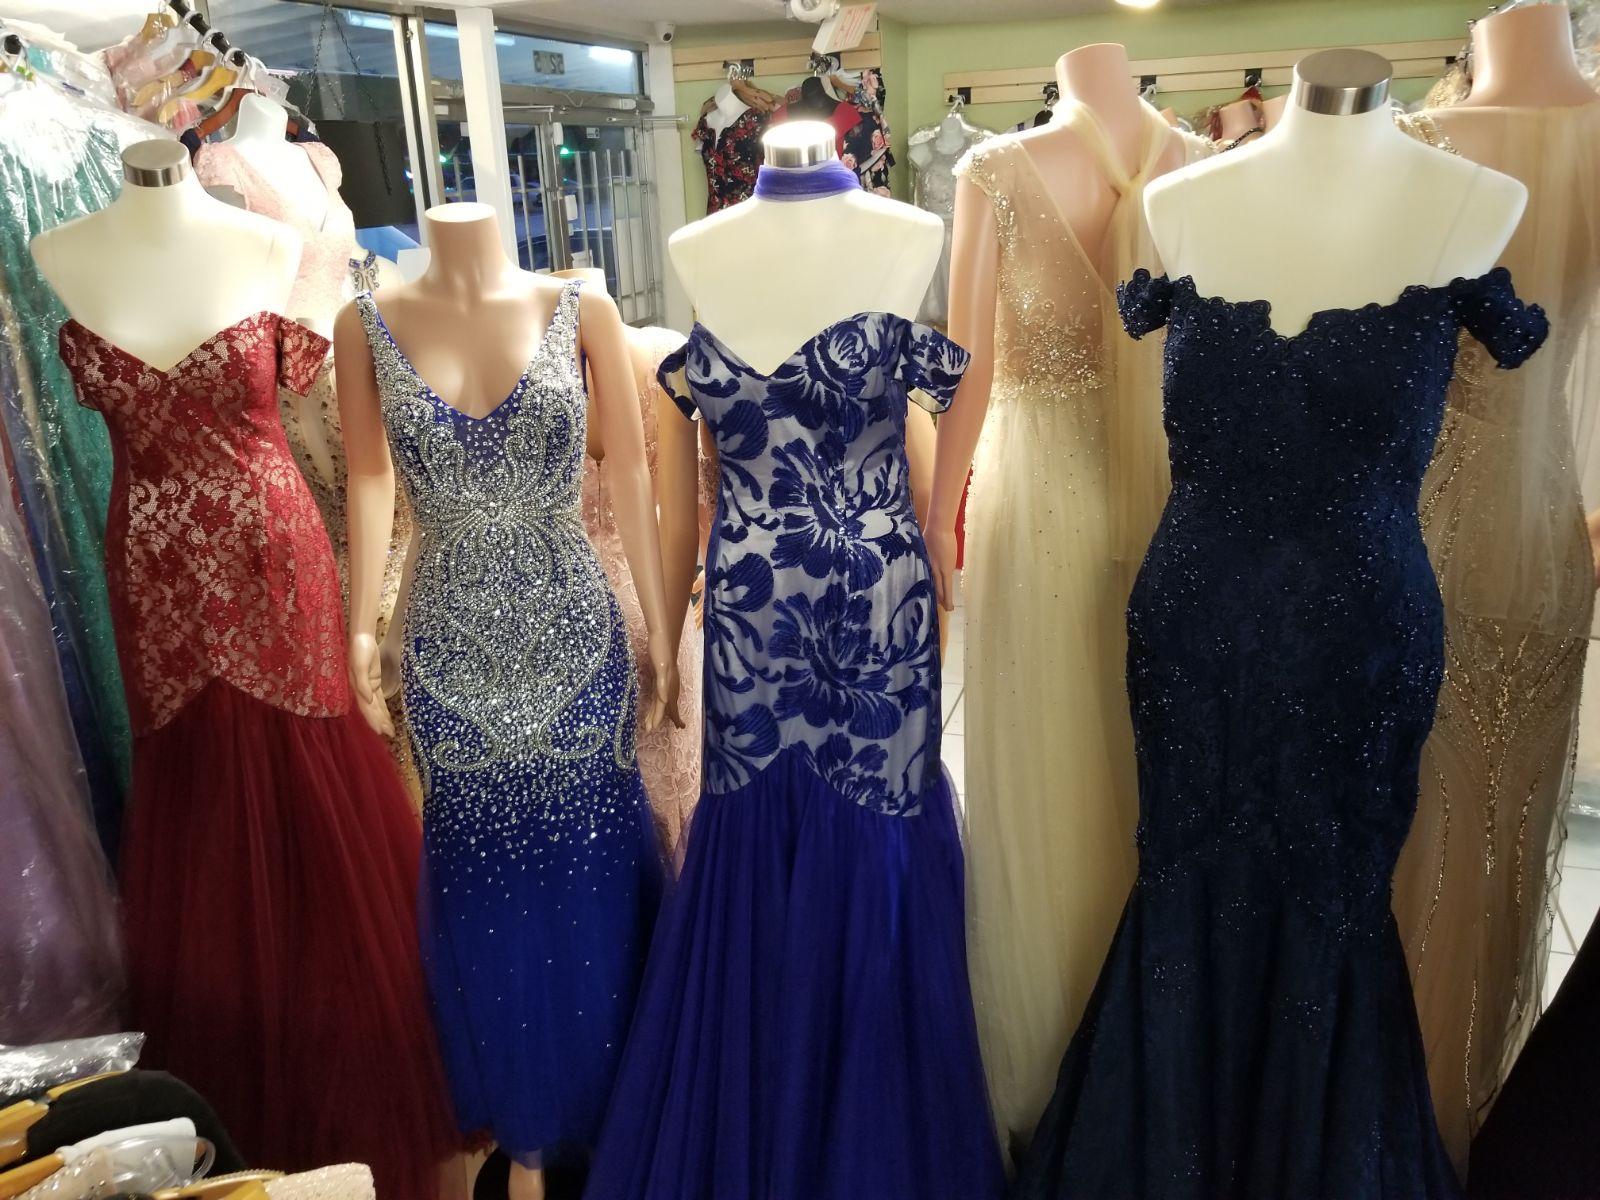 Tiendas de vestidos de noche en houston texas